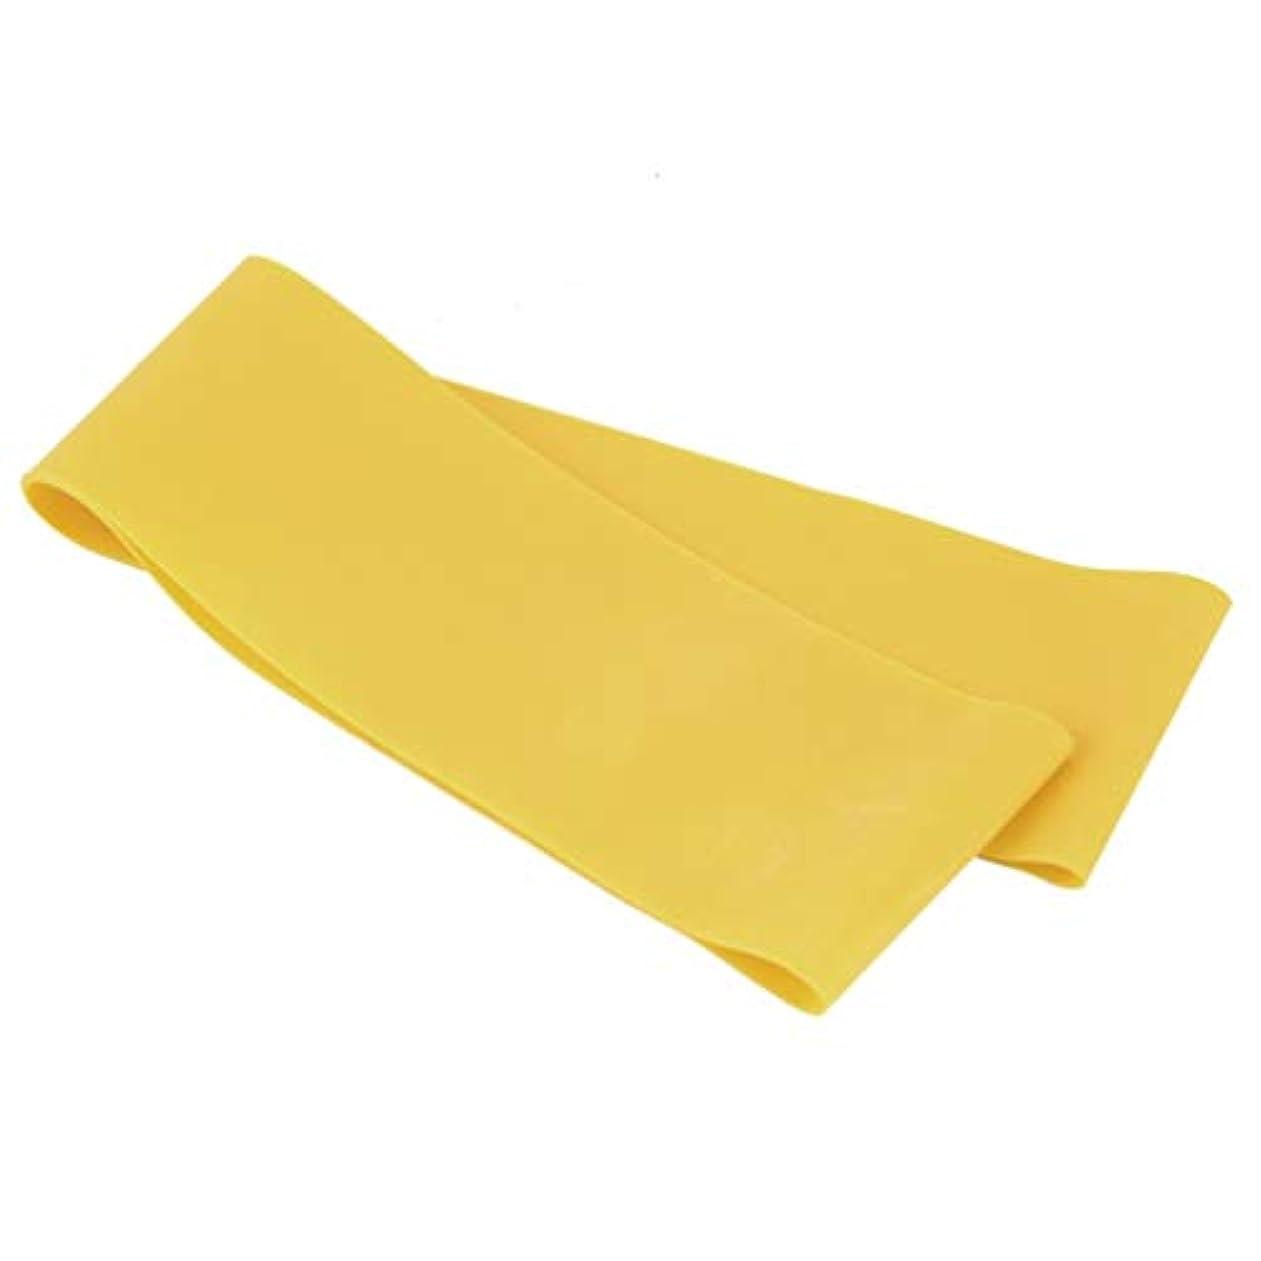 地下議会メンテナンス滑り止めの伸縮性のあるゴム製伸縮性があるヨガのベルトバンド引きロープの張力抵抗バンドループ強さのためのフィットネスヨガツール - 黄色